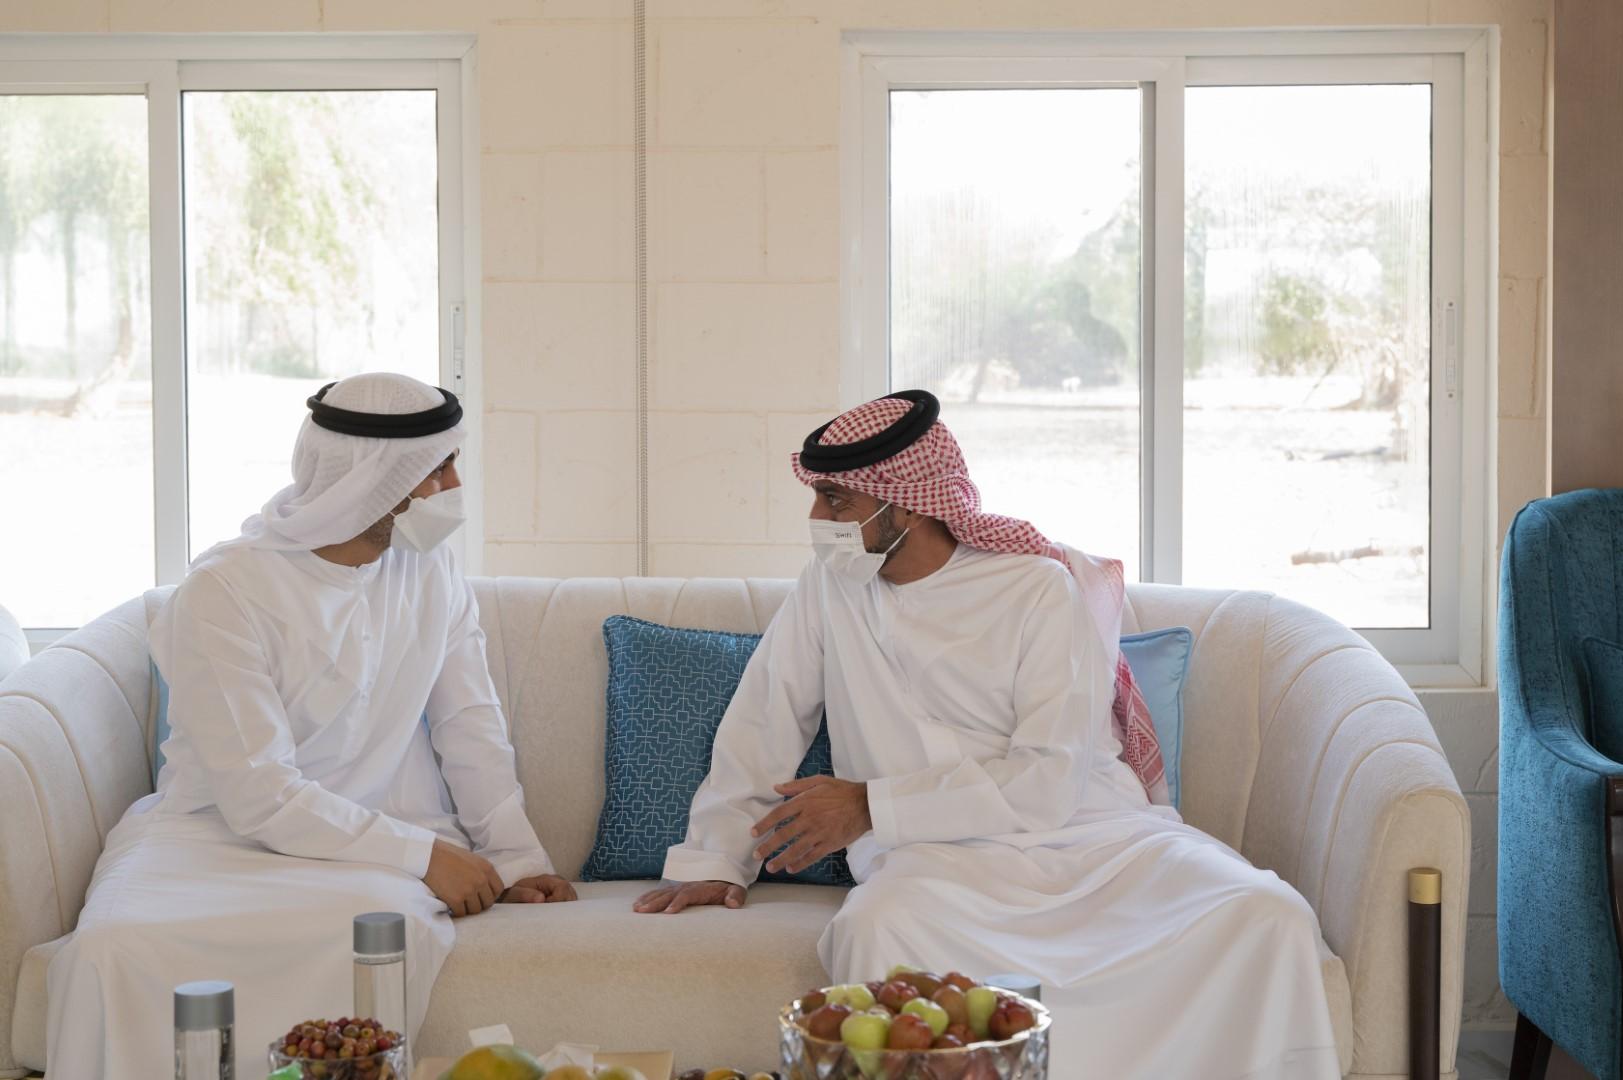 محمد بن زايد يزور حاكم عجمان و يتبادلان التهاني بعيد الفطر المبارك